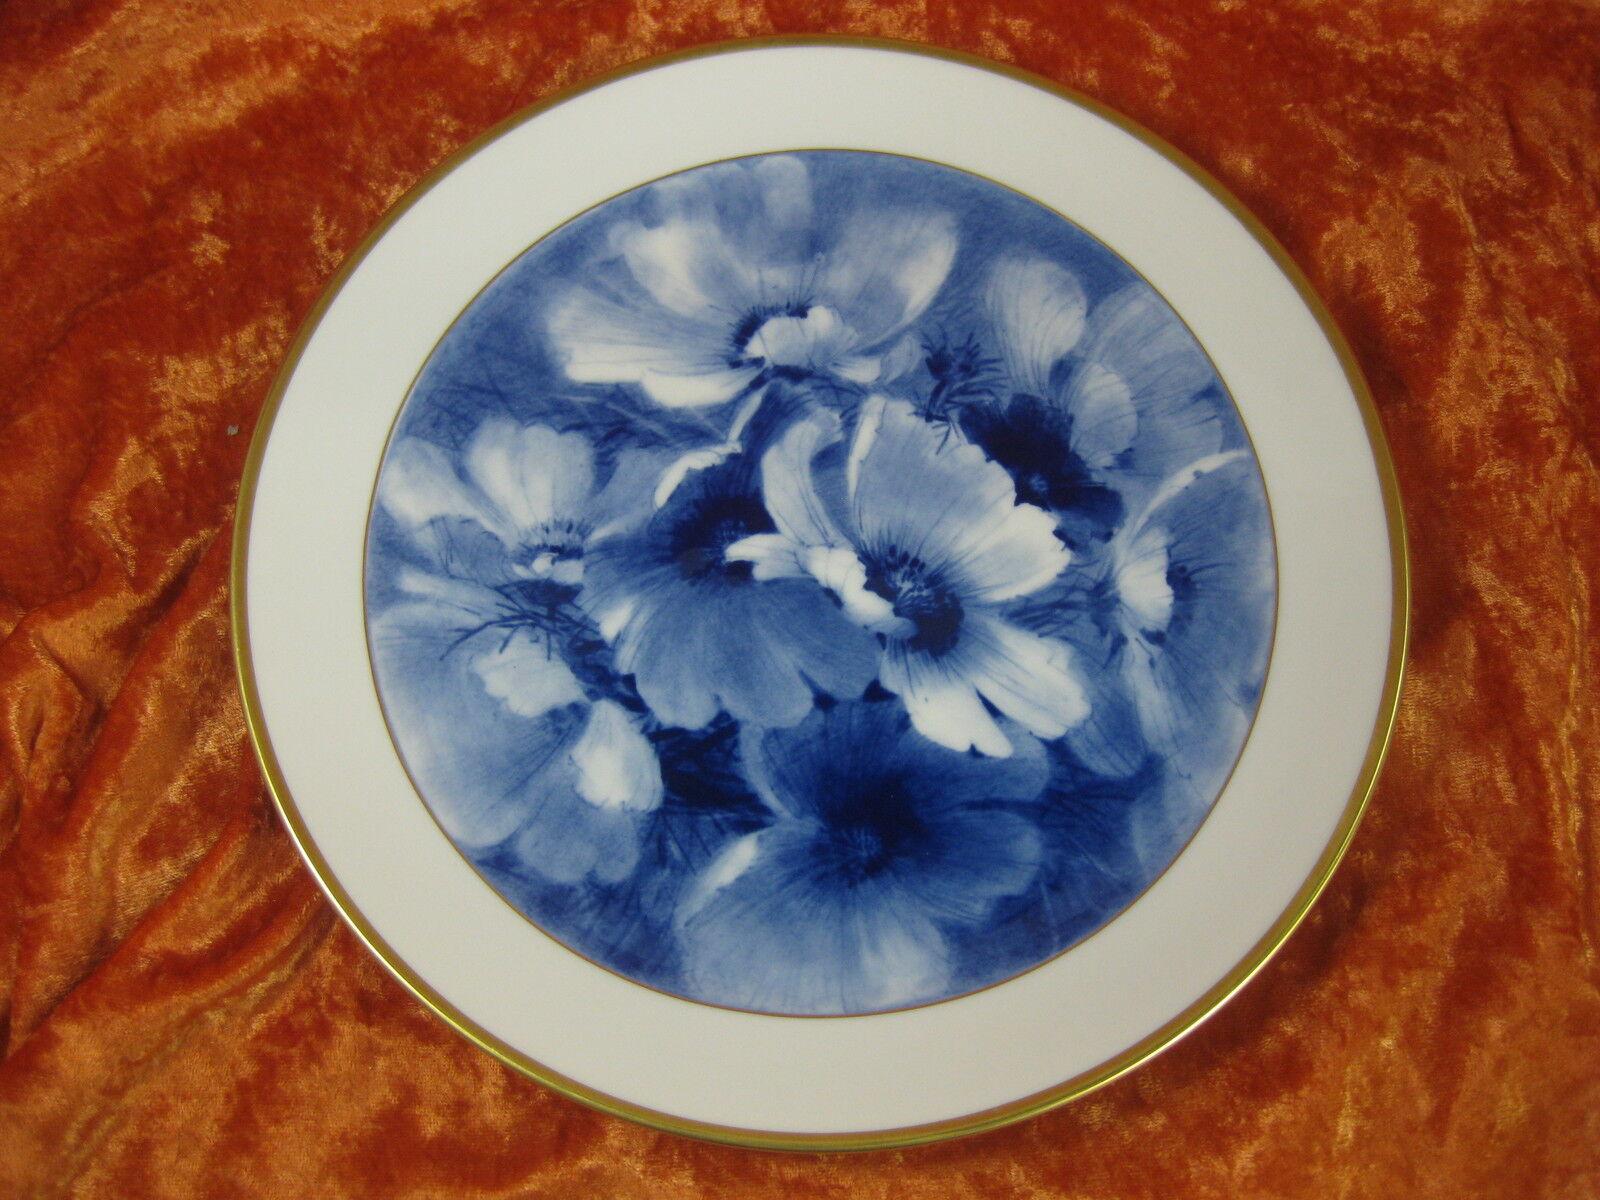 Meissen piatto parete 1 scelta piatto FIORE BLU FIORI PITTURA 1 scelta ottimo stato